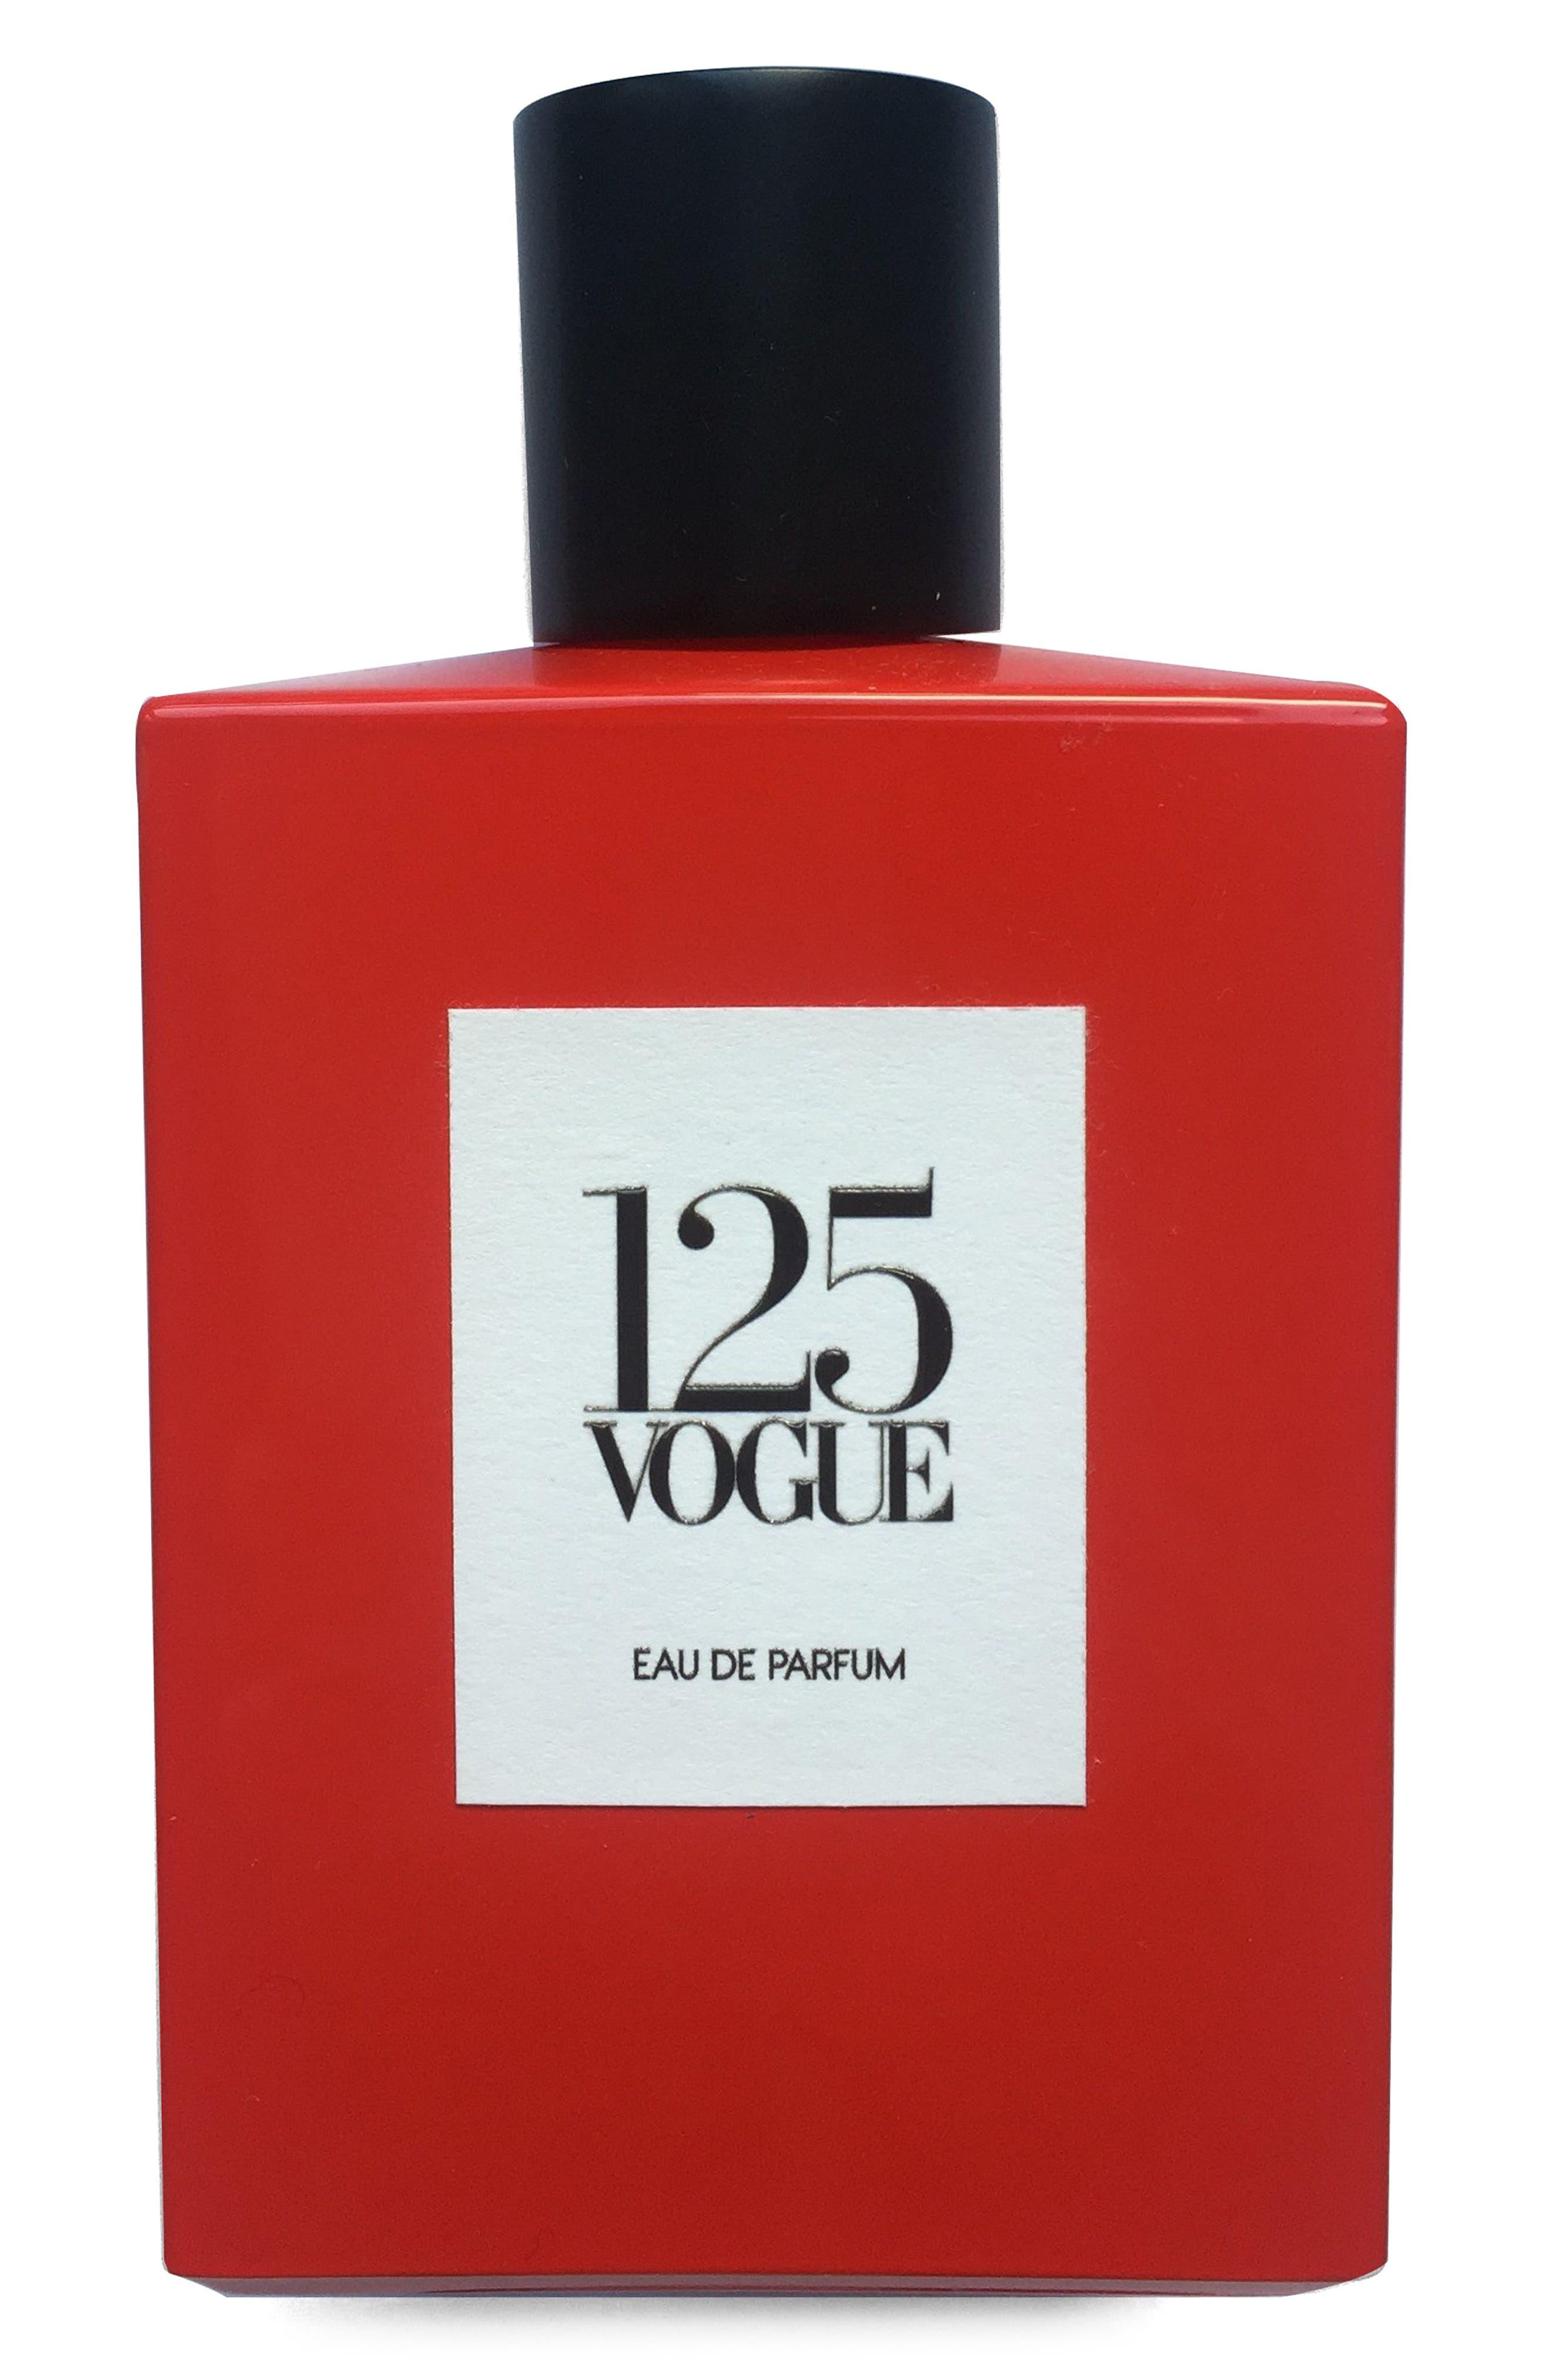 Comme des Garçons 125 Vogue Eau de Parfum